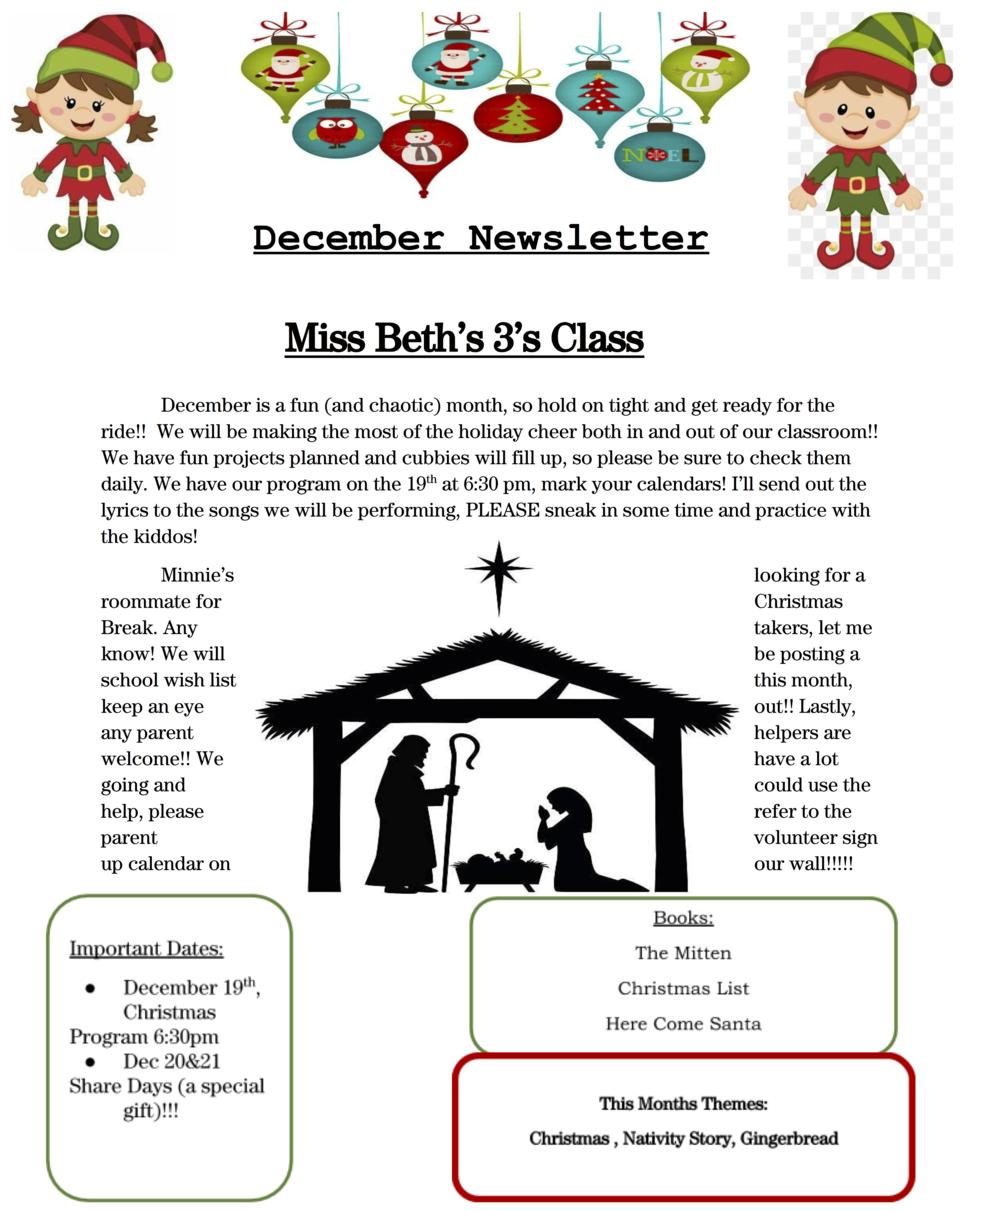 Miss Beth DecemberNewsletter 18.png